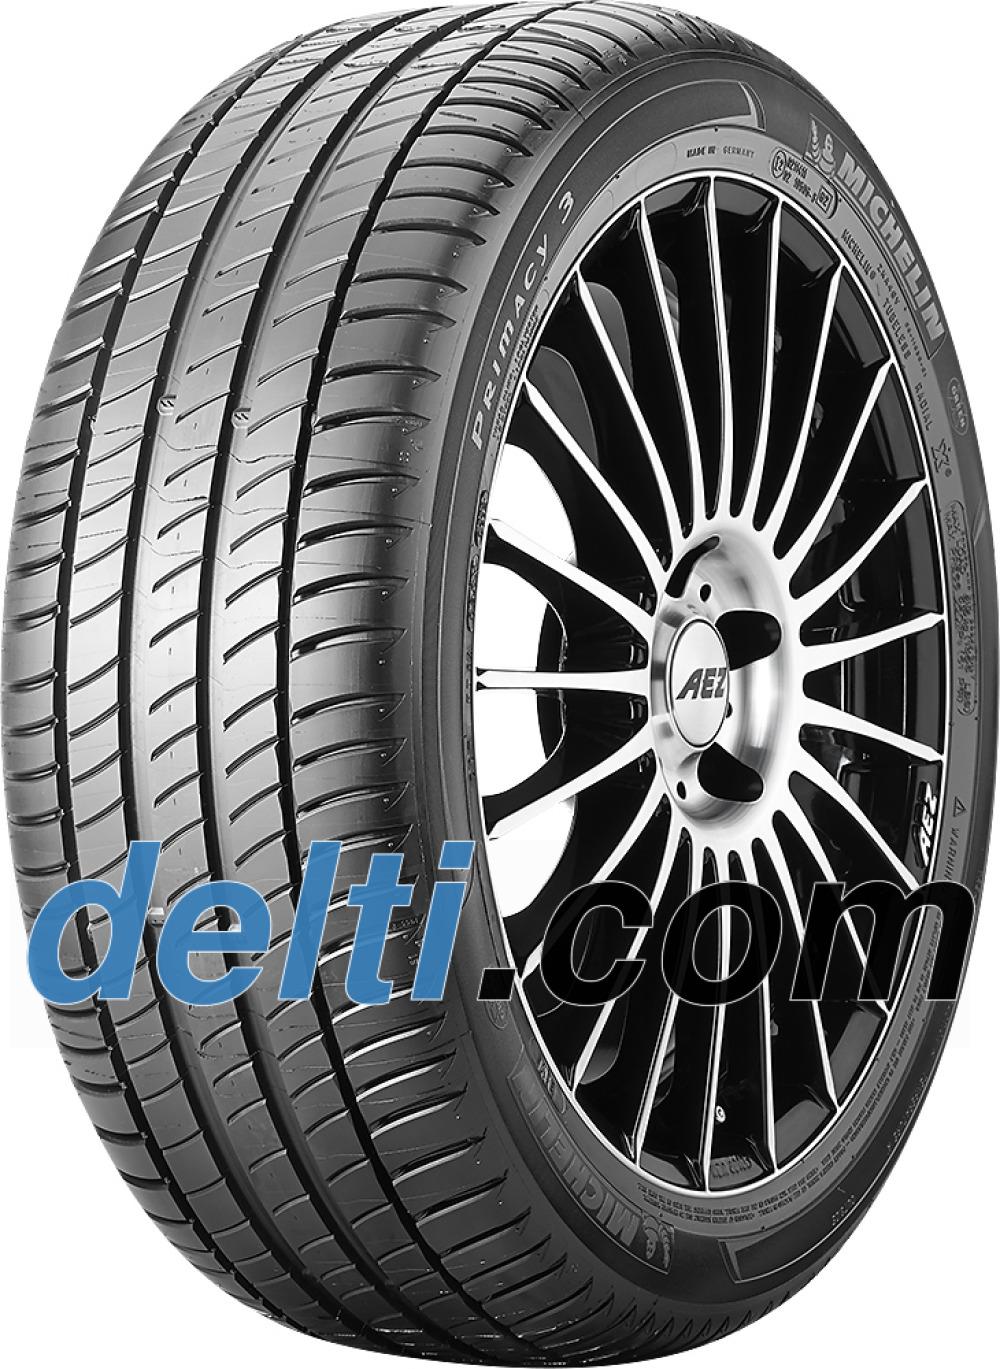 Michelin Primacy 3 ( 205/45 R17 88W XL *, with rim protection ridge (FSL) )